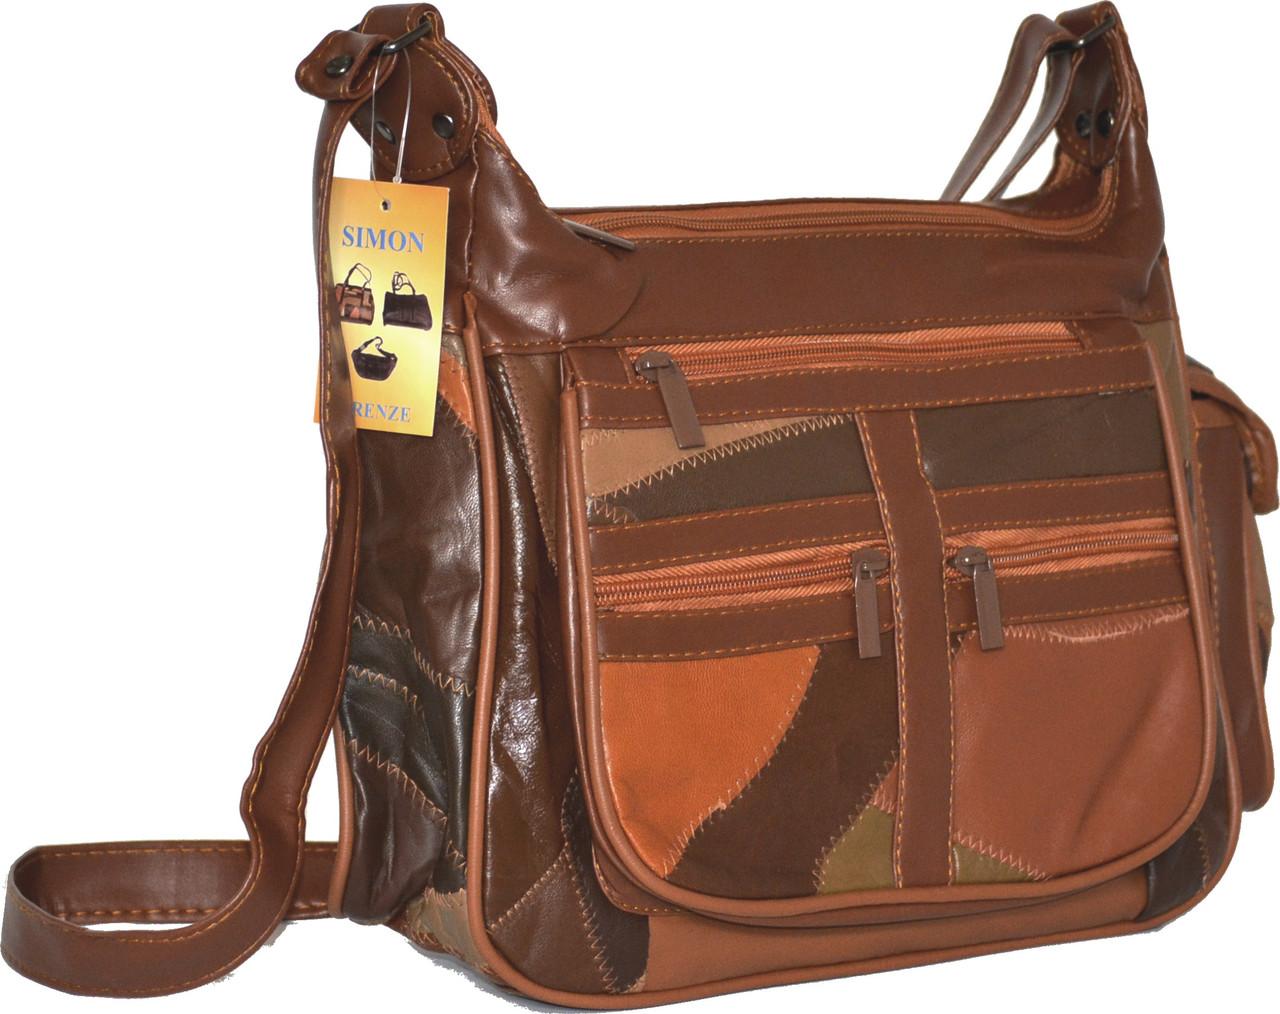 dea87ac465a5 Женская сумка через плечо. мягкая кожа, коричневая.: продажа, цена в ...